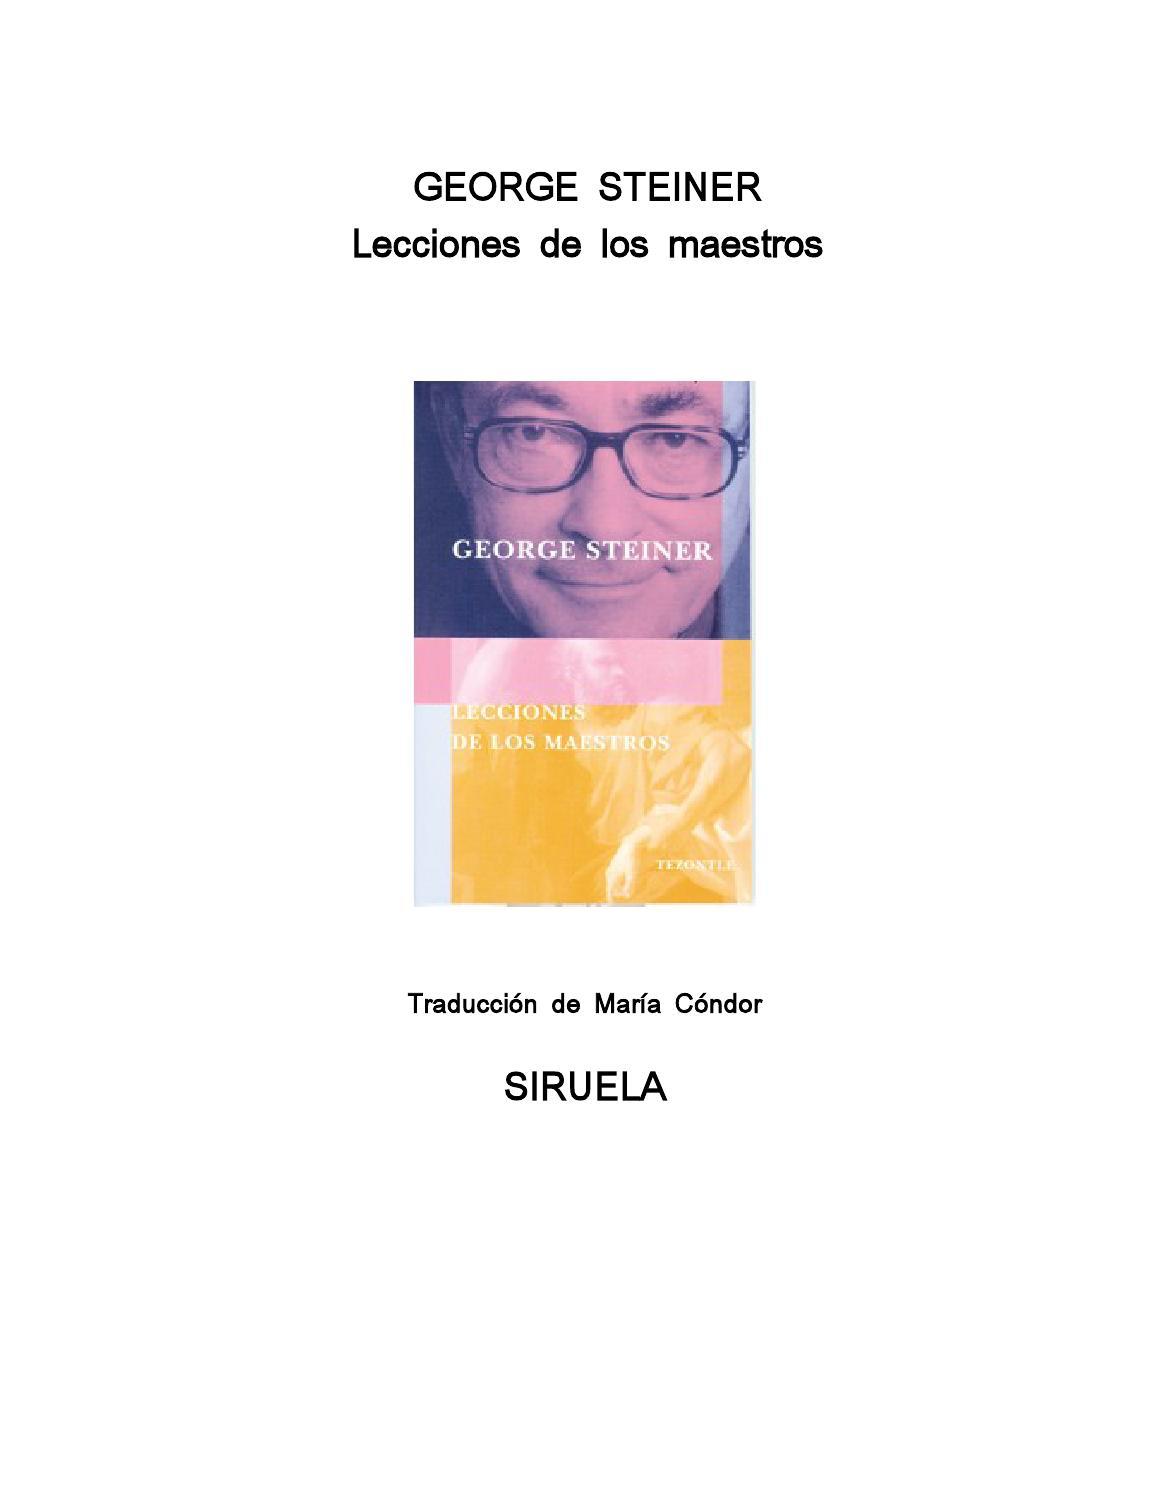 Steiner george lecciones de los maestros by Óscar Quevedo - issuu